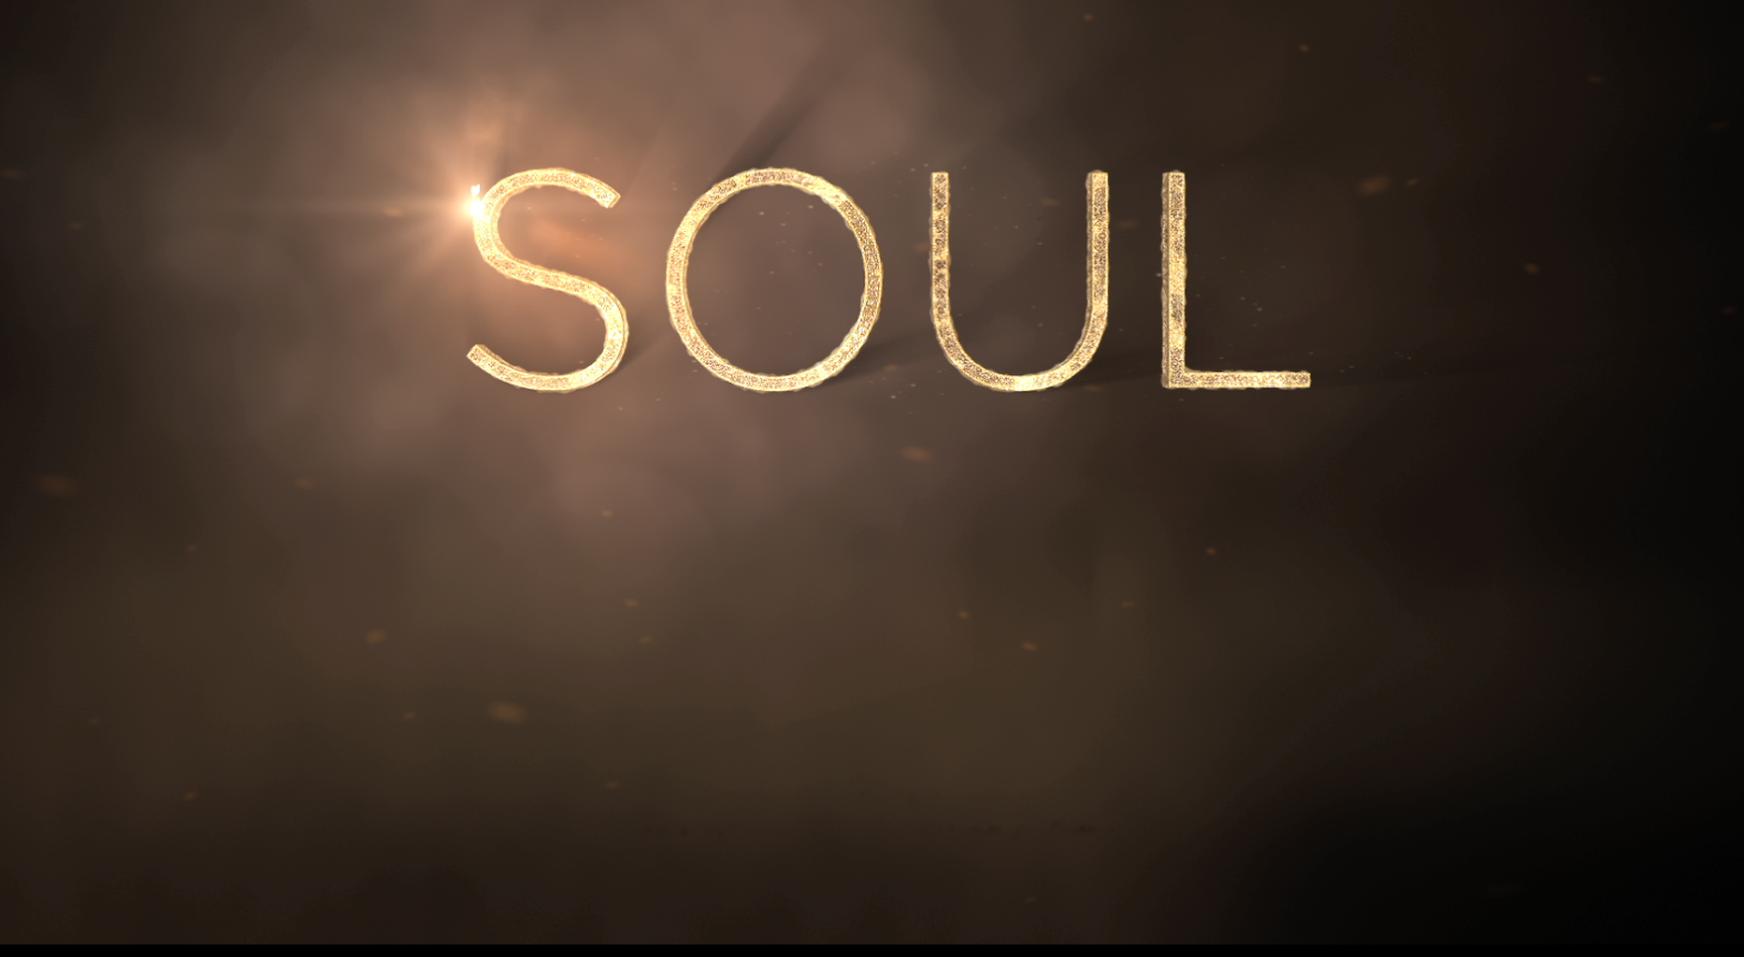 """Eusko Jaurlaritzak babestutako """"Soul"""" dokumentalak Berlinaleko sukaldaritza-atala irekiko du"""